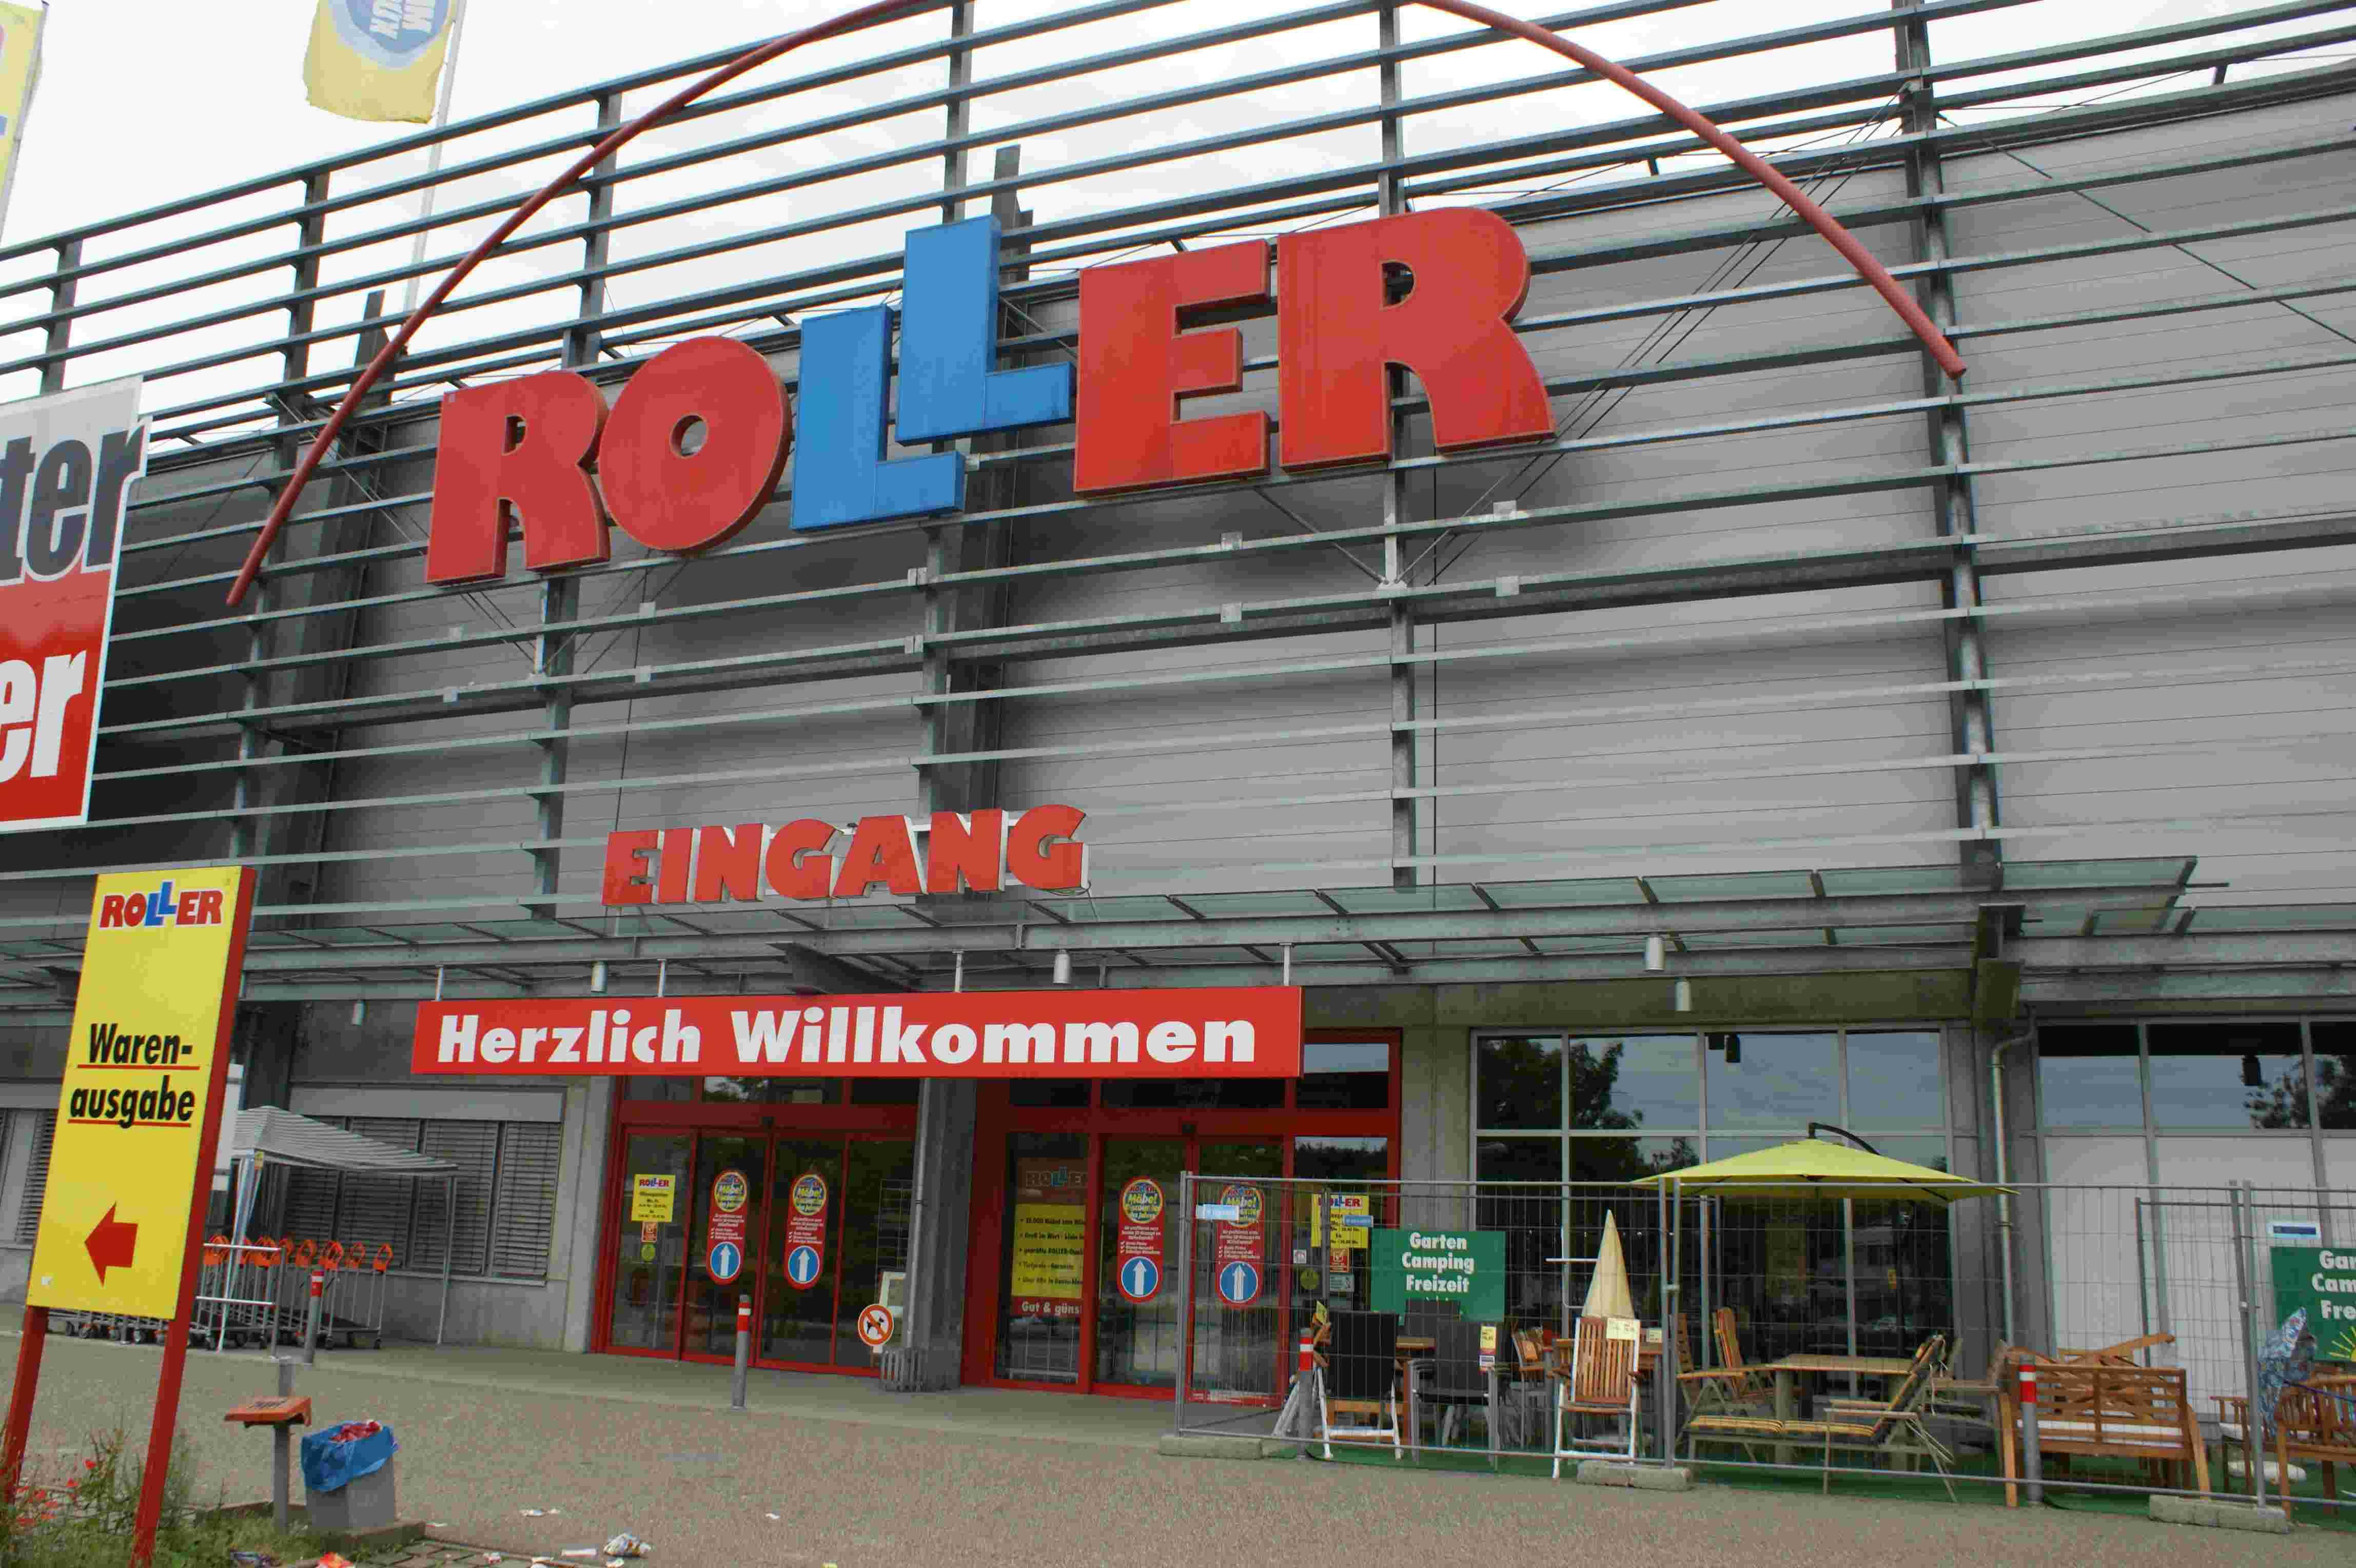 Roller Gmbh Cokg 75179 Pforzheim Wilferdinger Höhe